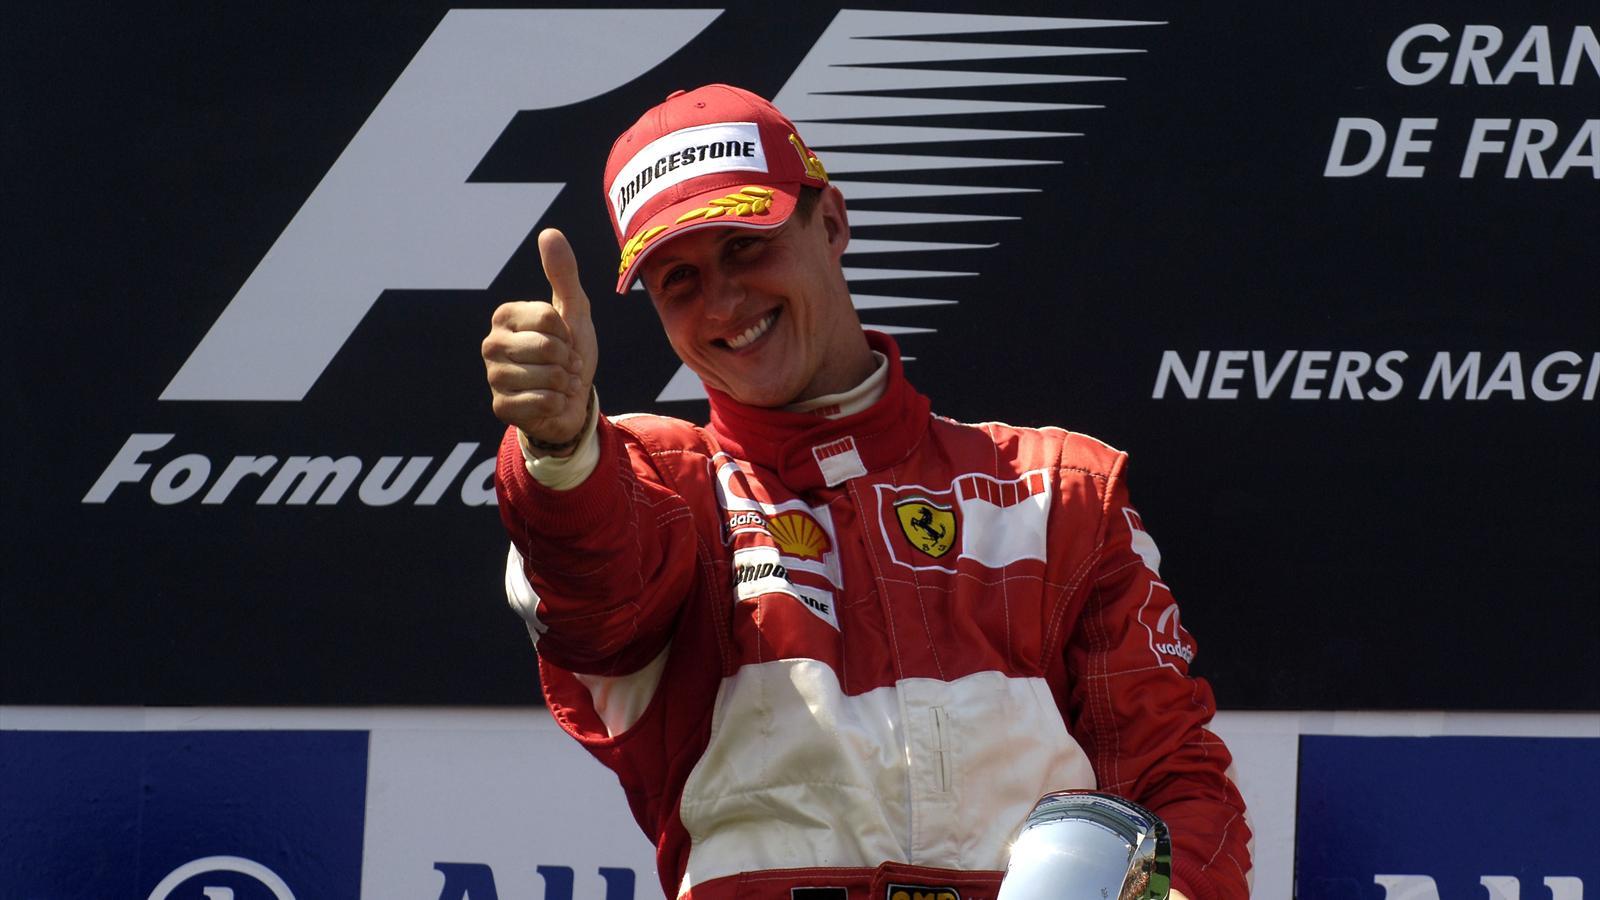 Шумахер стал лучшим гонщиком Феррари завсю историю— F1 Racing